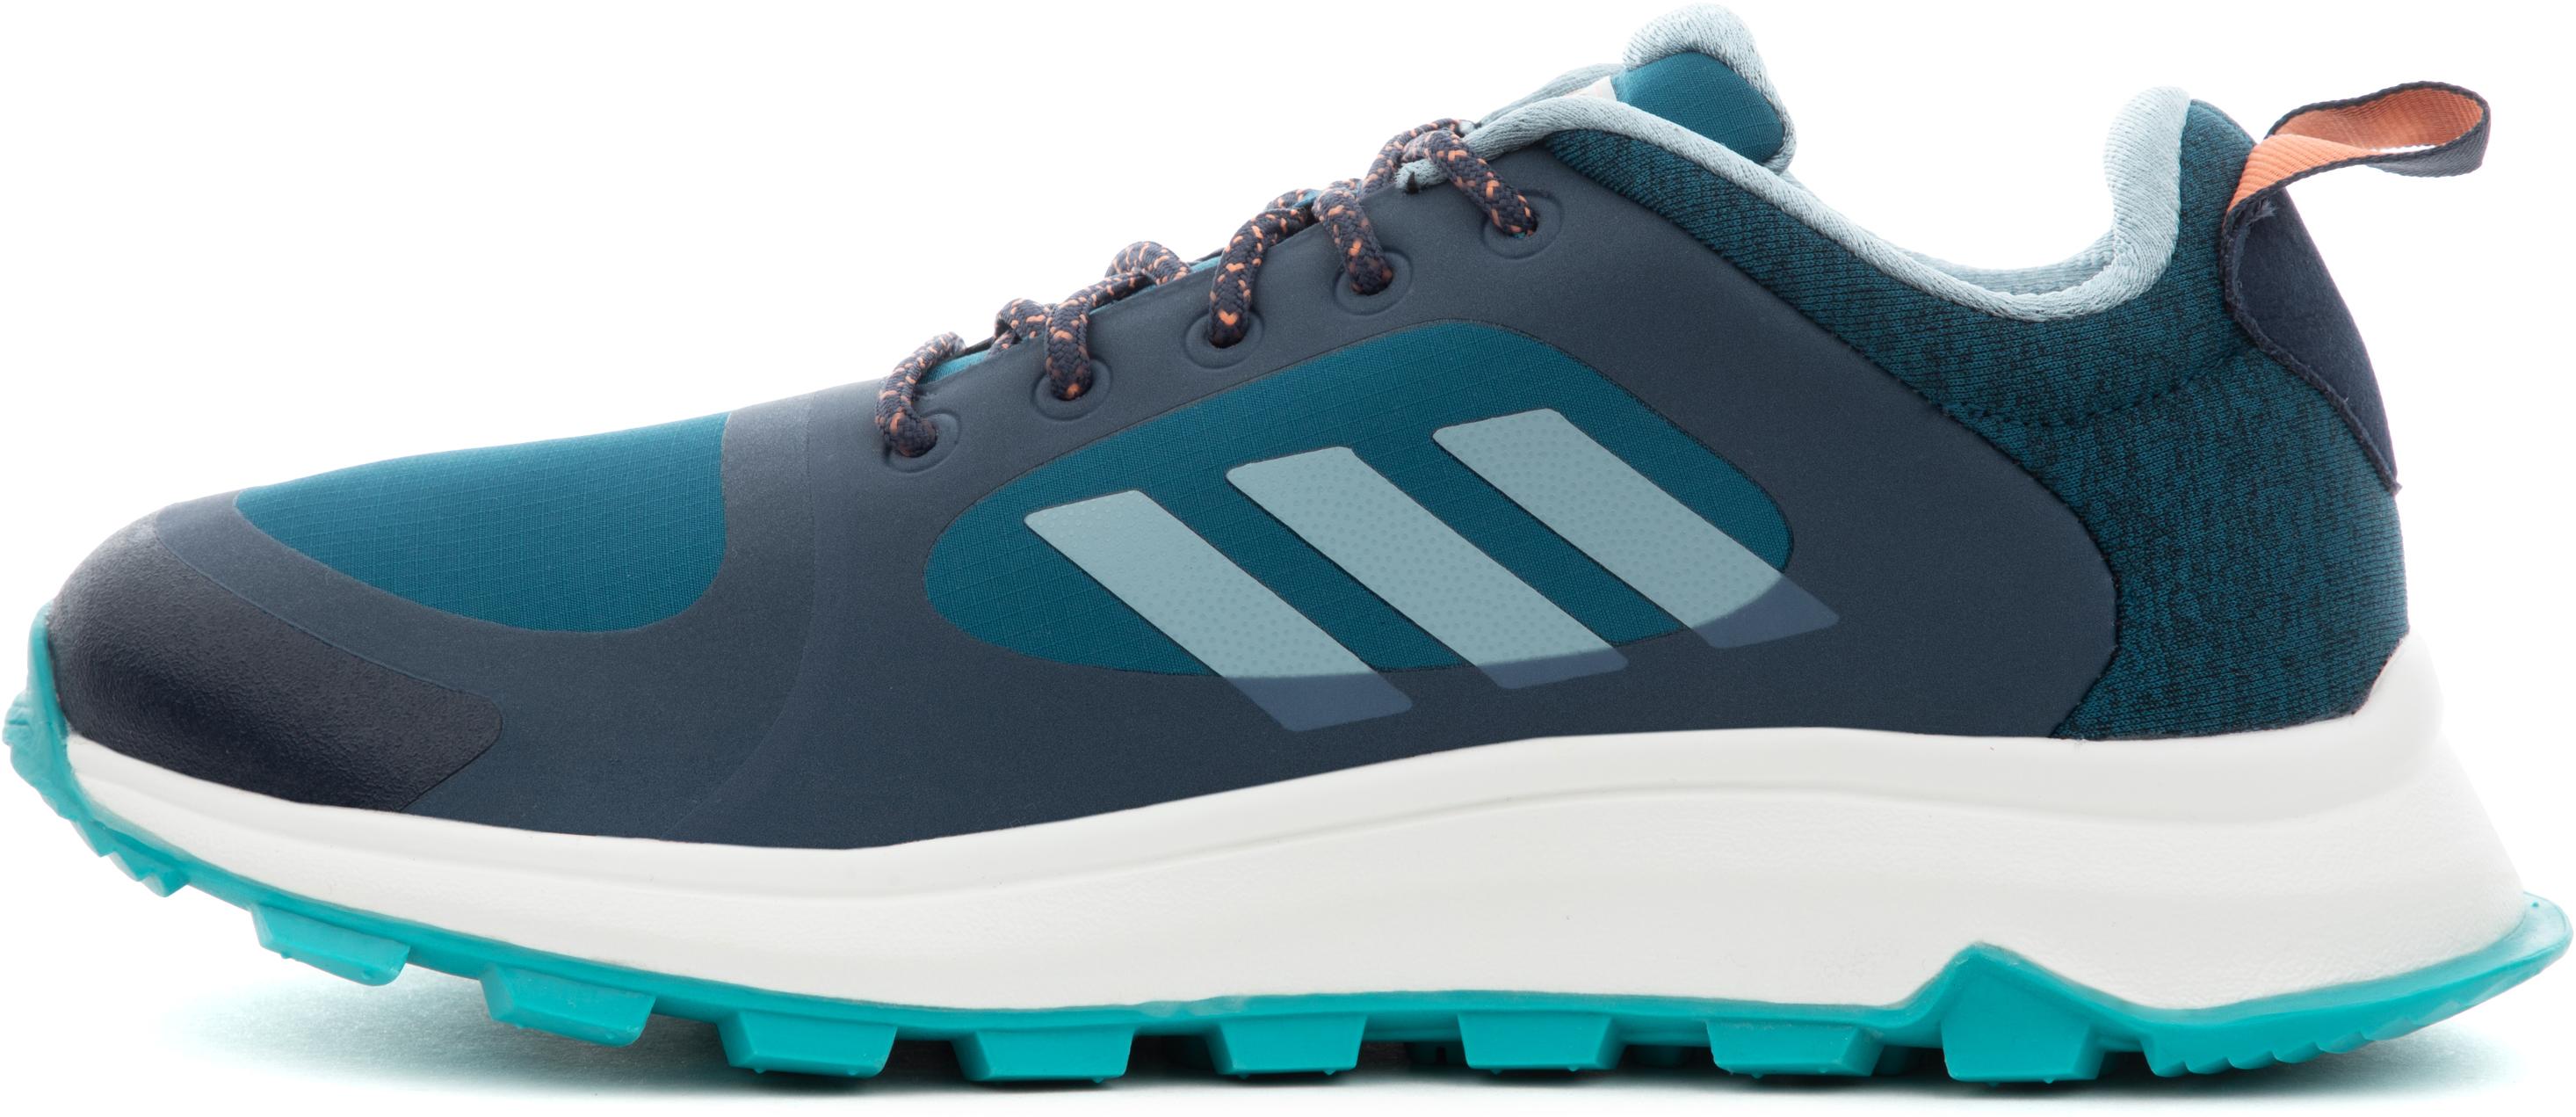 Adidas Кроссовки женские Adidas Response Trail X, размер 38,5 все цены